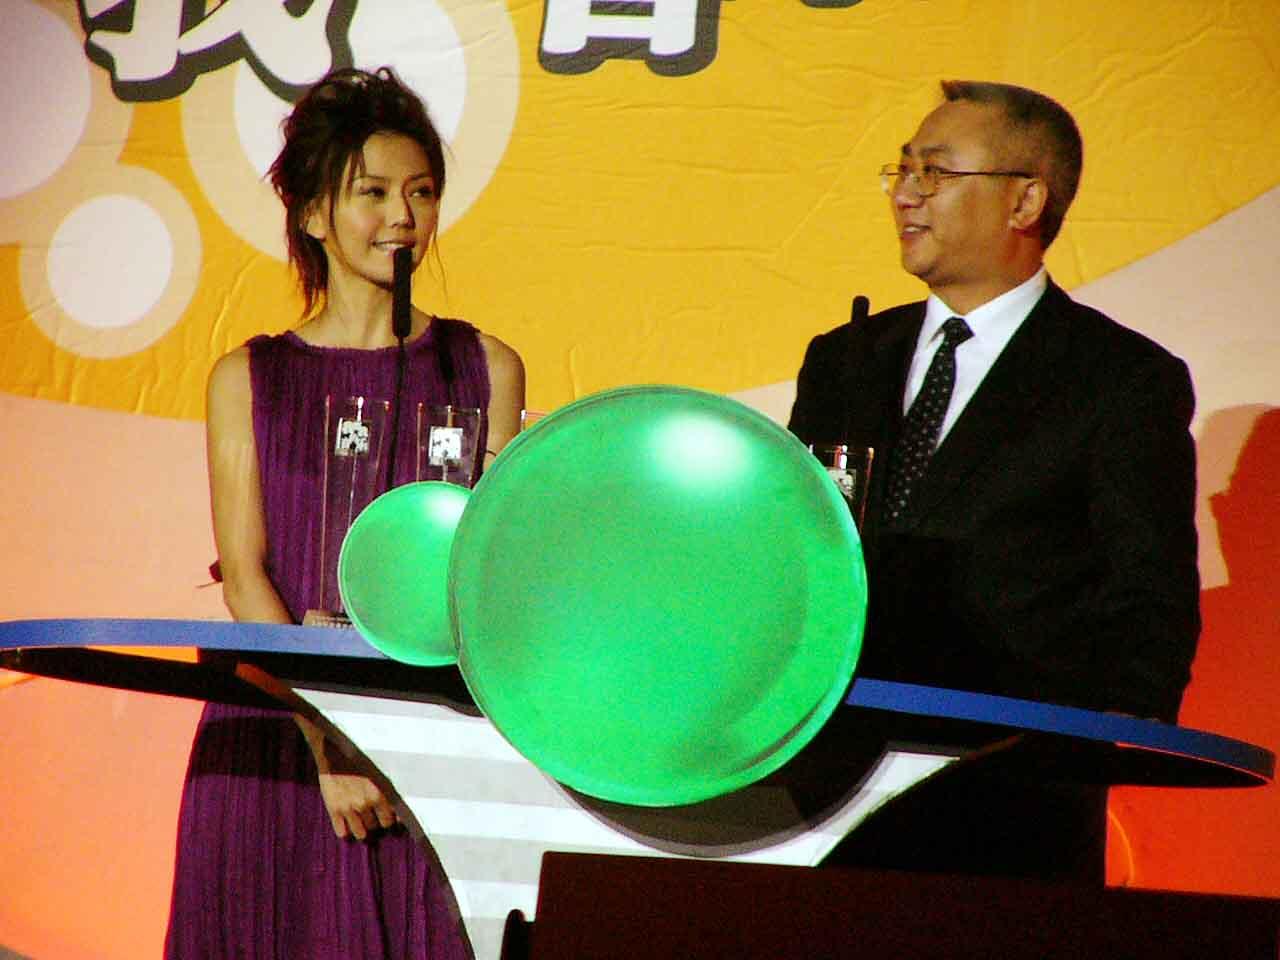 图文:2004中国TOP排行榜现场-孙燕姿颁奖